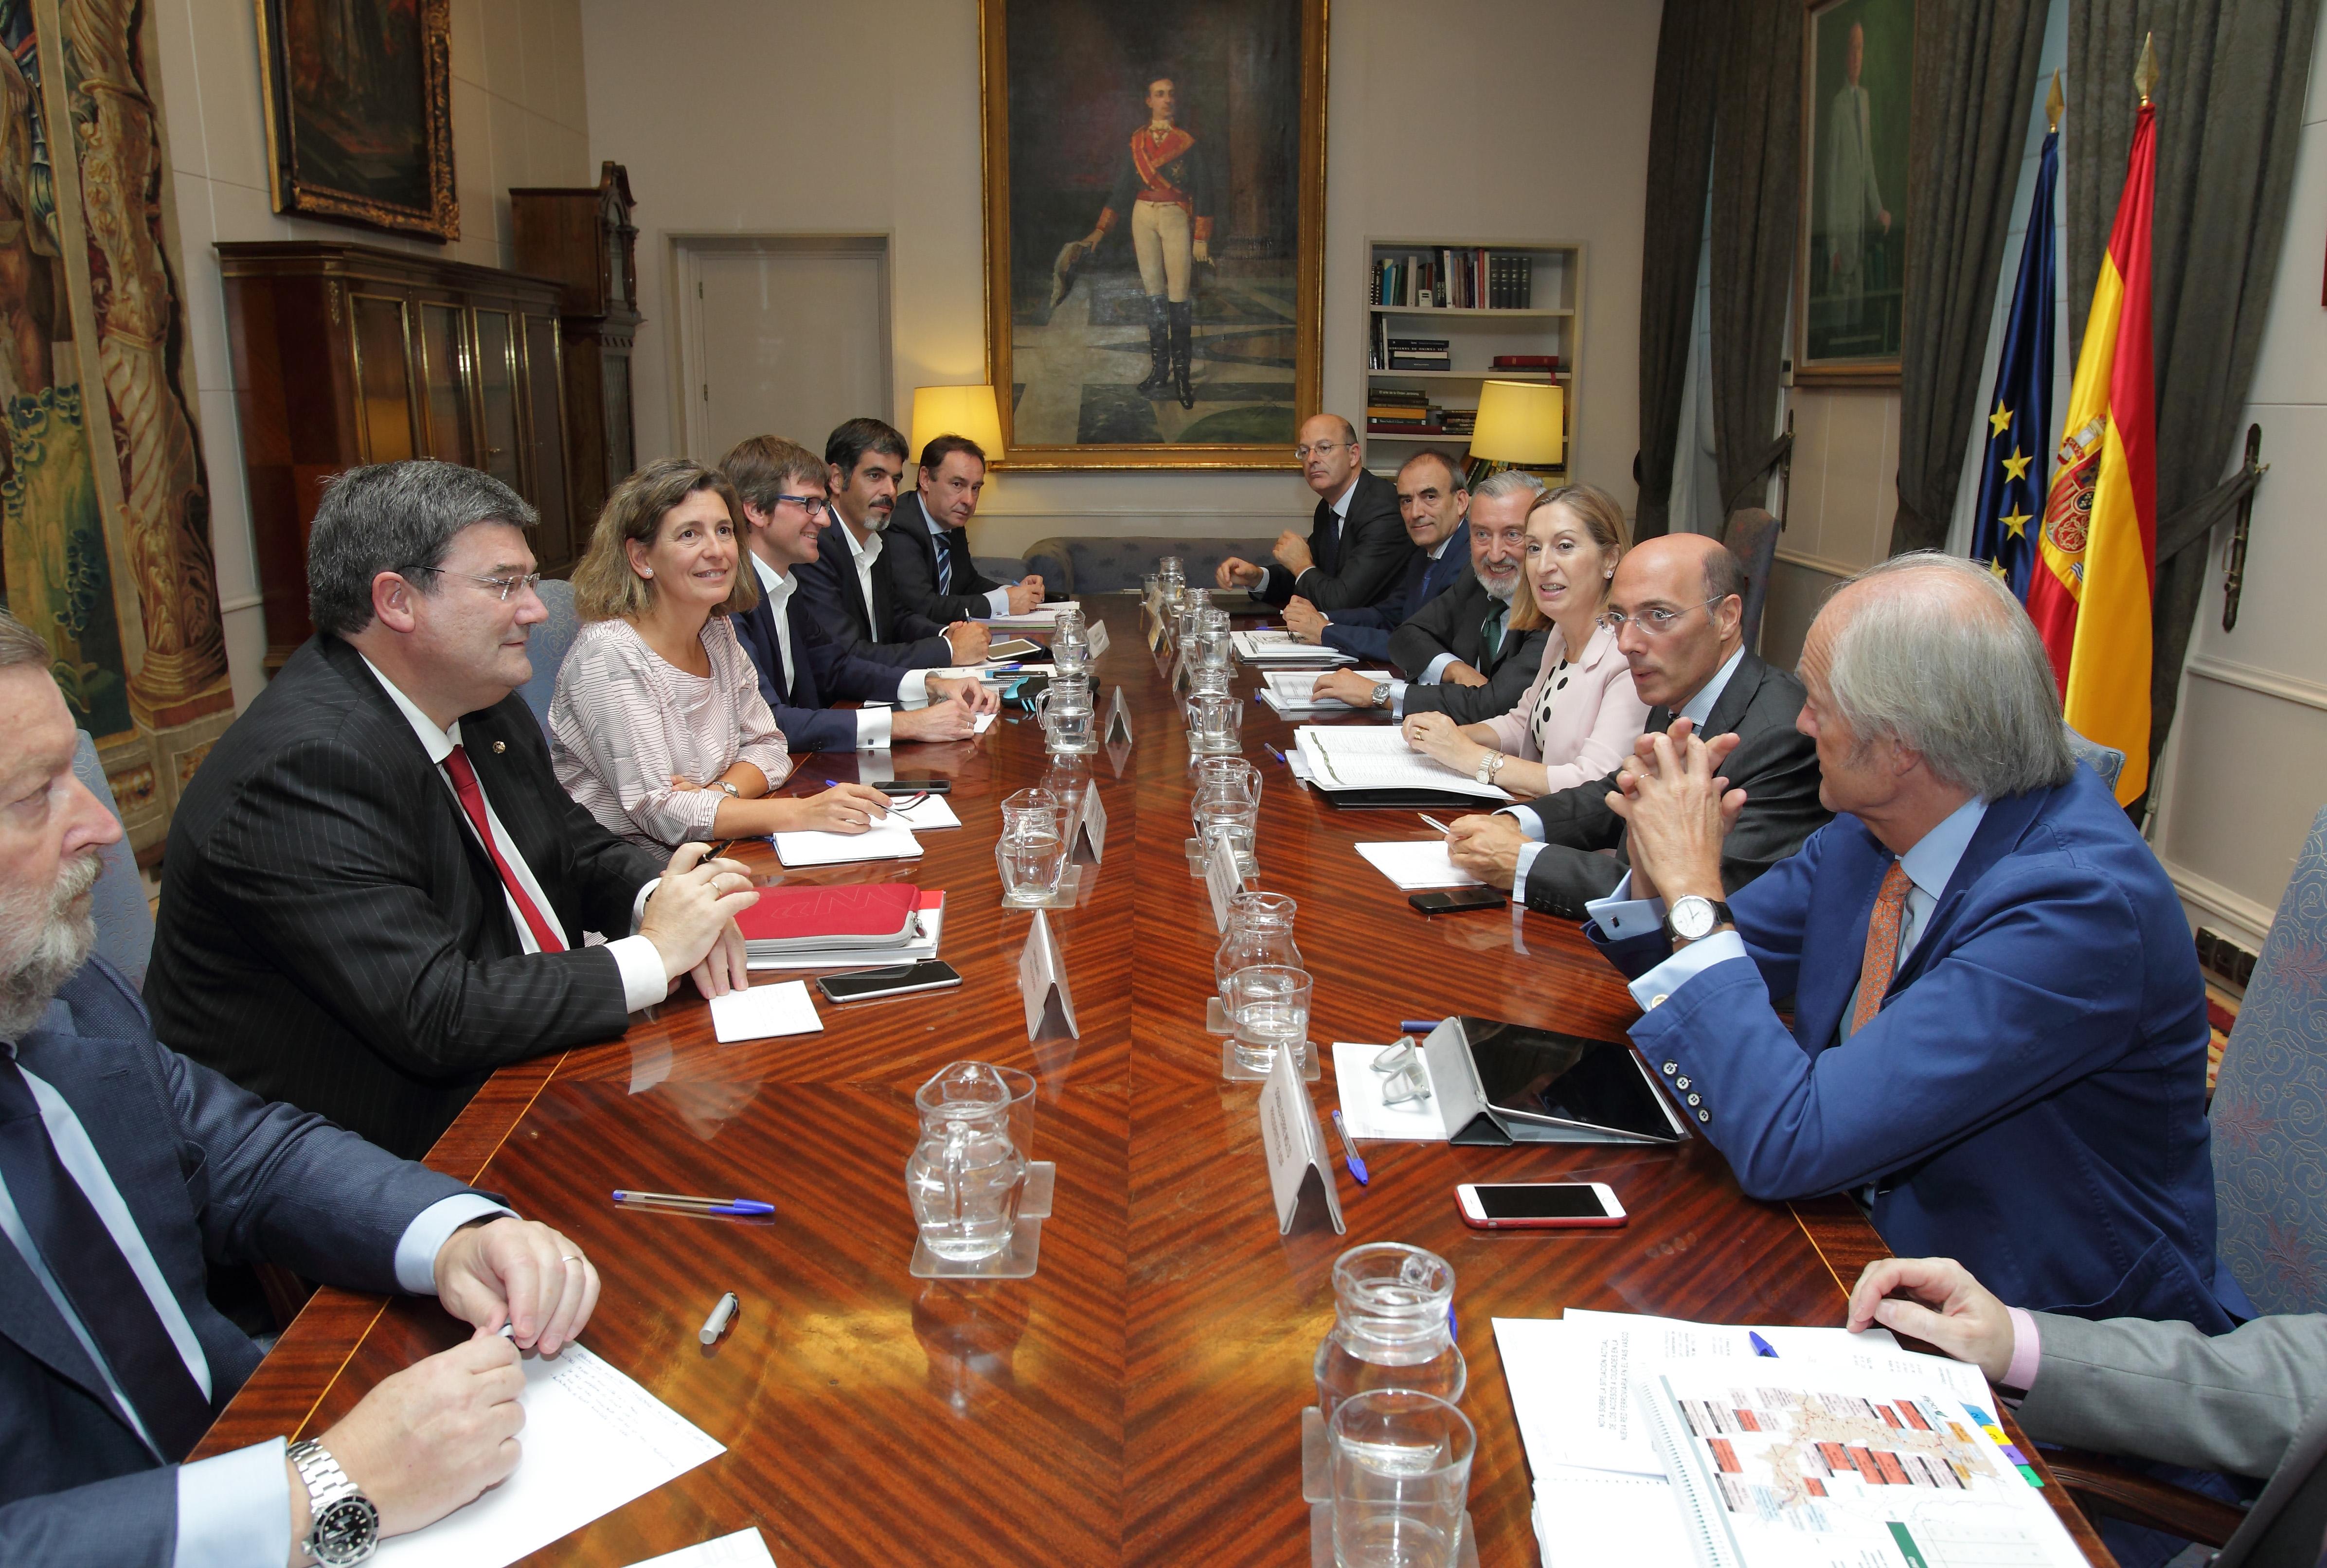 Consejera_y_alcaldes_del_gobierno_Vasco-Ministra_04.jpg